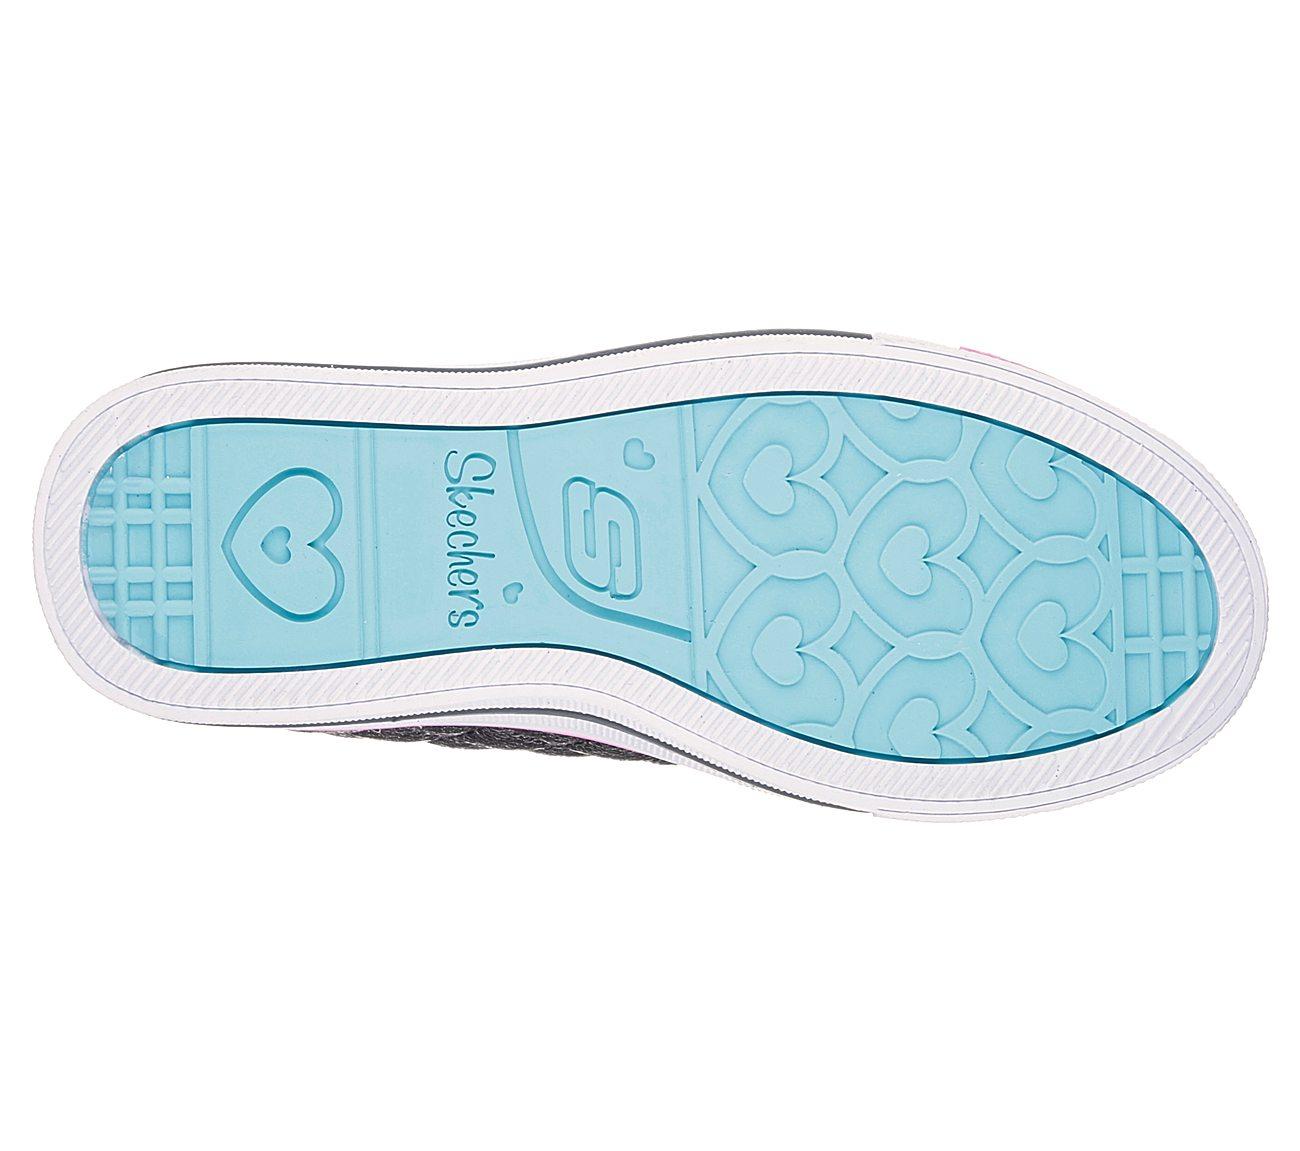 Buy SKECHERS Twinkle Toes  Shuffles - Sweetheart Sole SKECHERS S ... 035e77ec92a